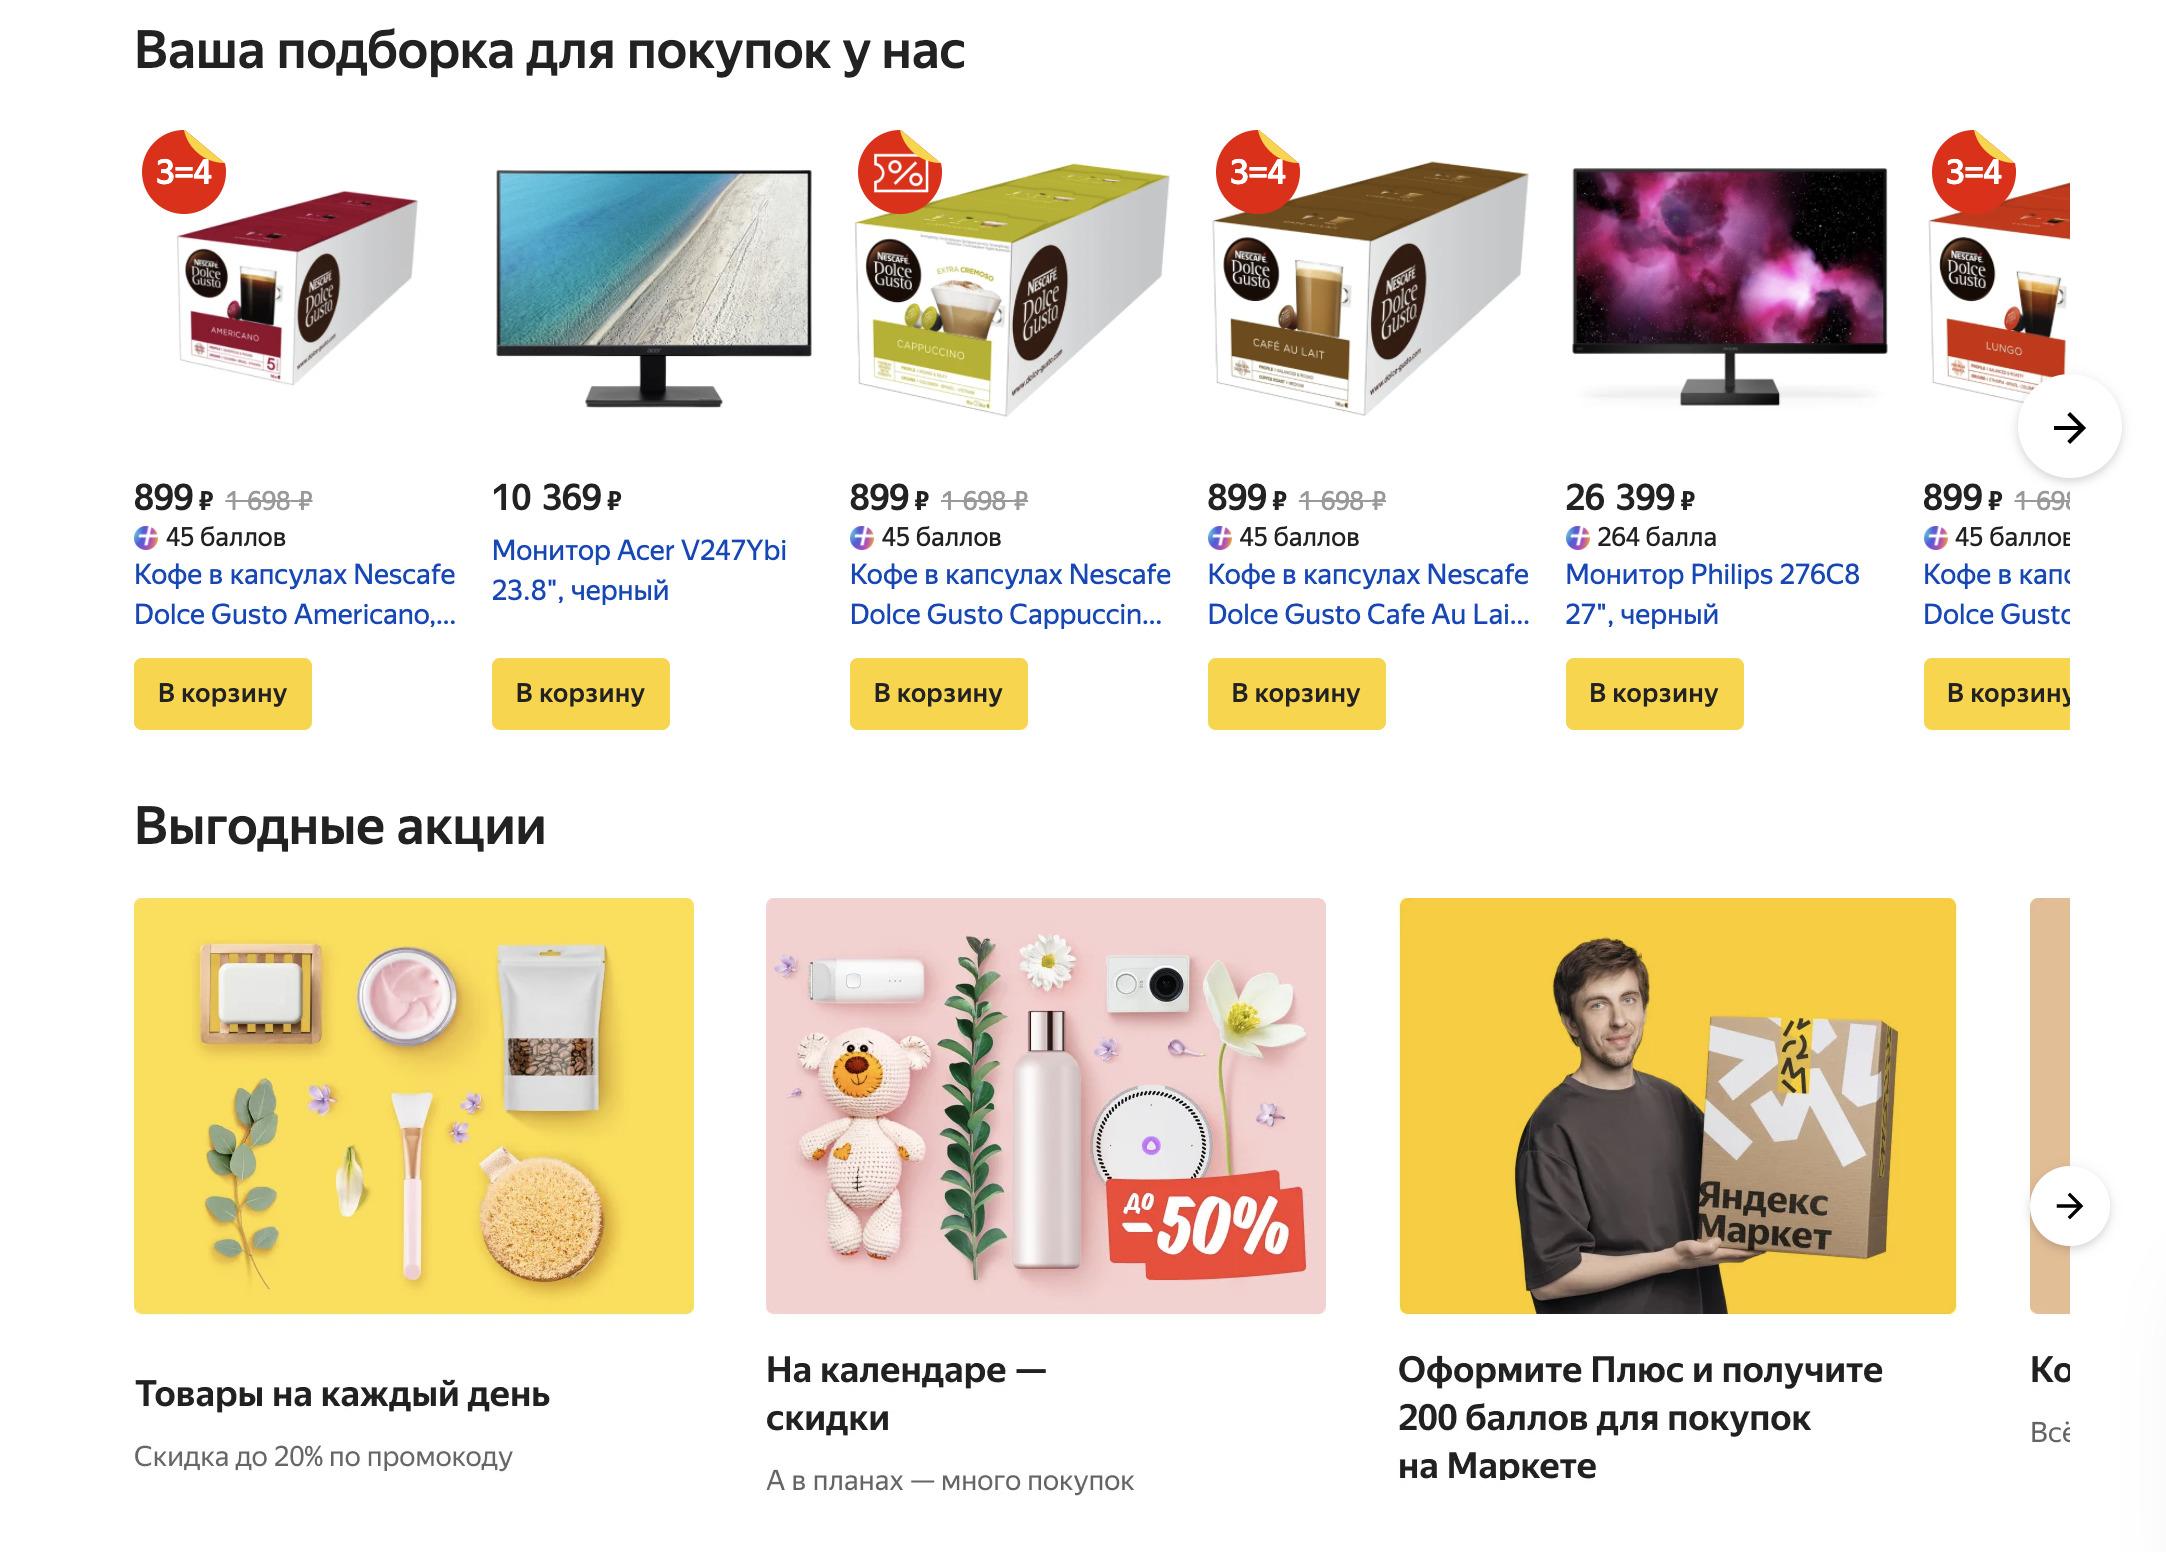 Доставка из Яндекс.Маркет в Белореченск, сроки, пункты выдачи, каталог